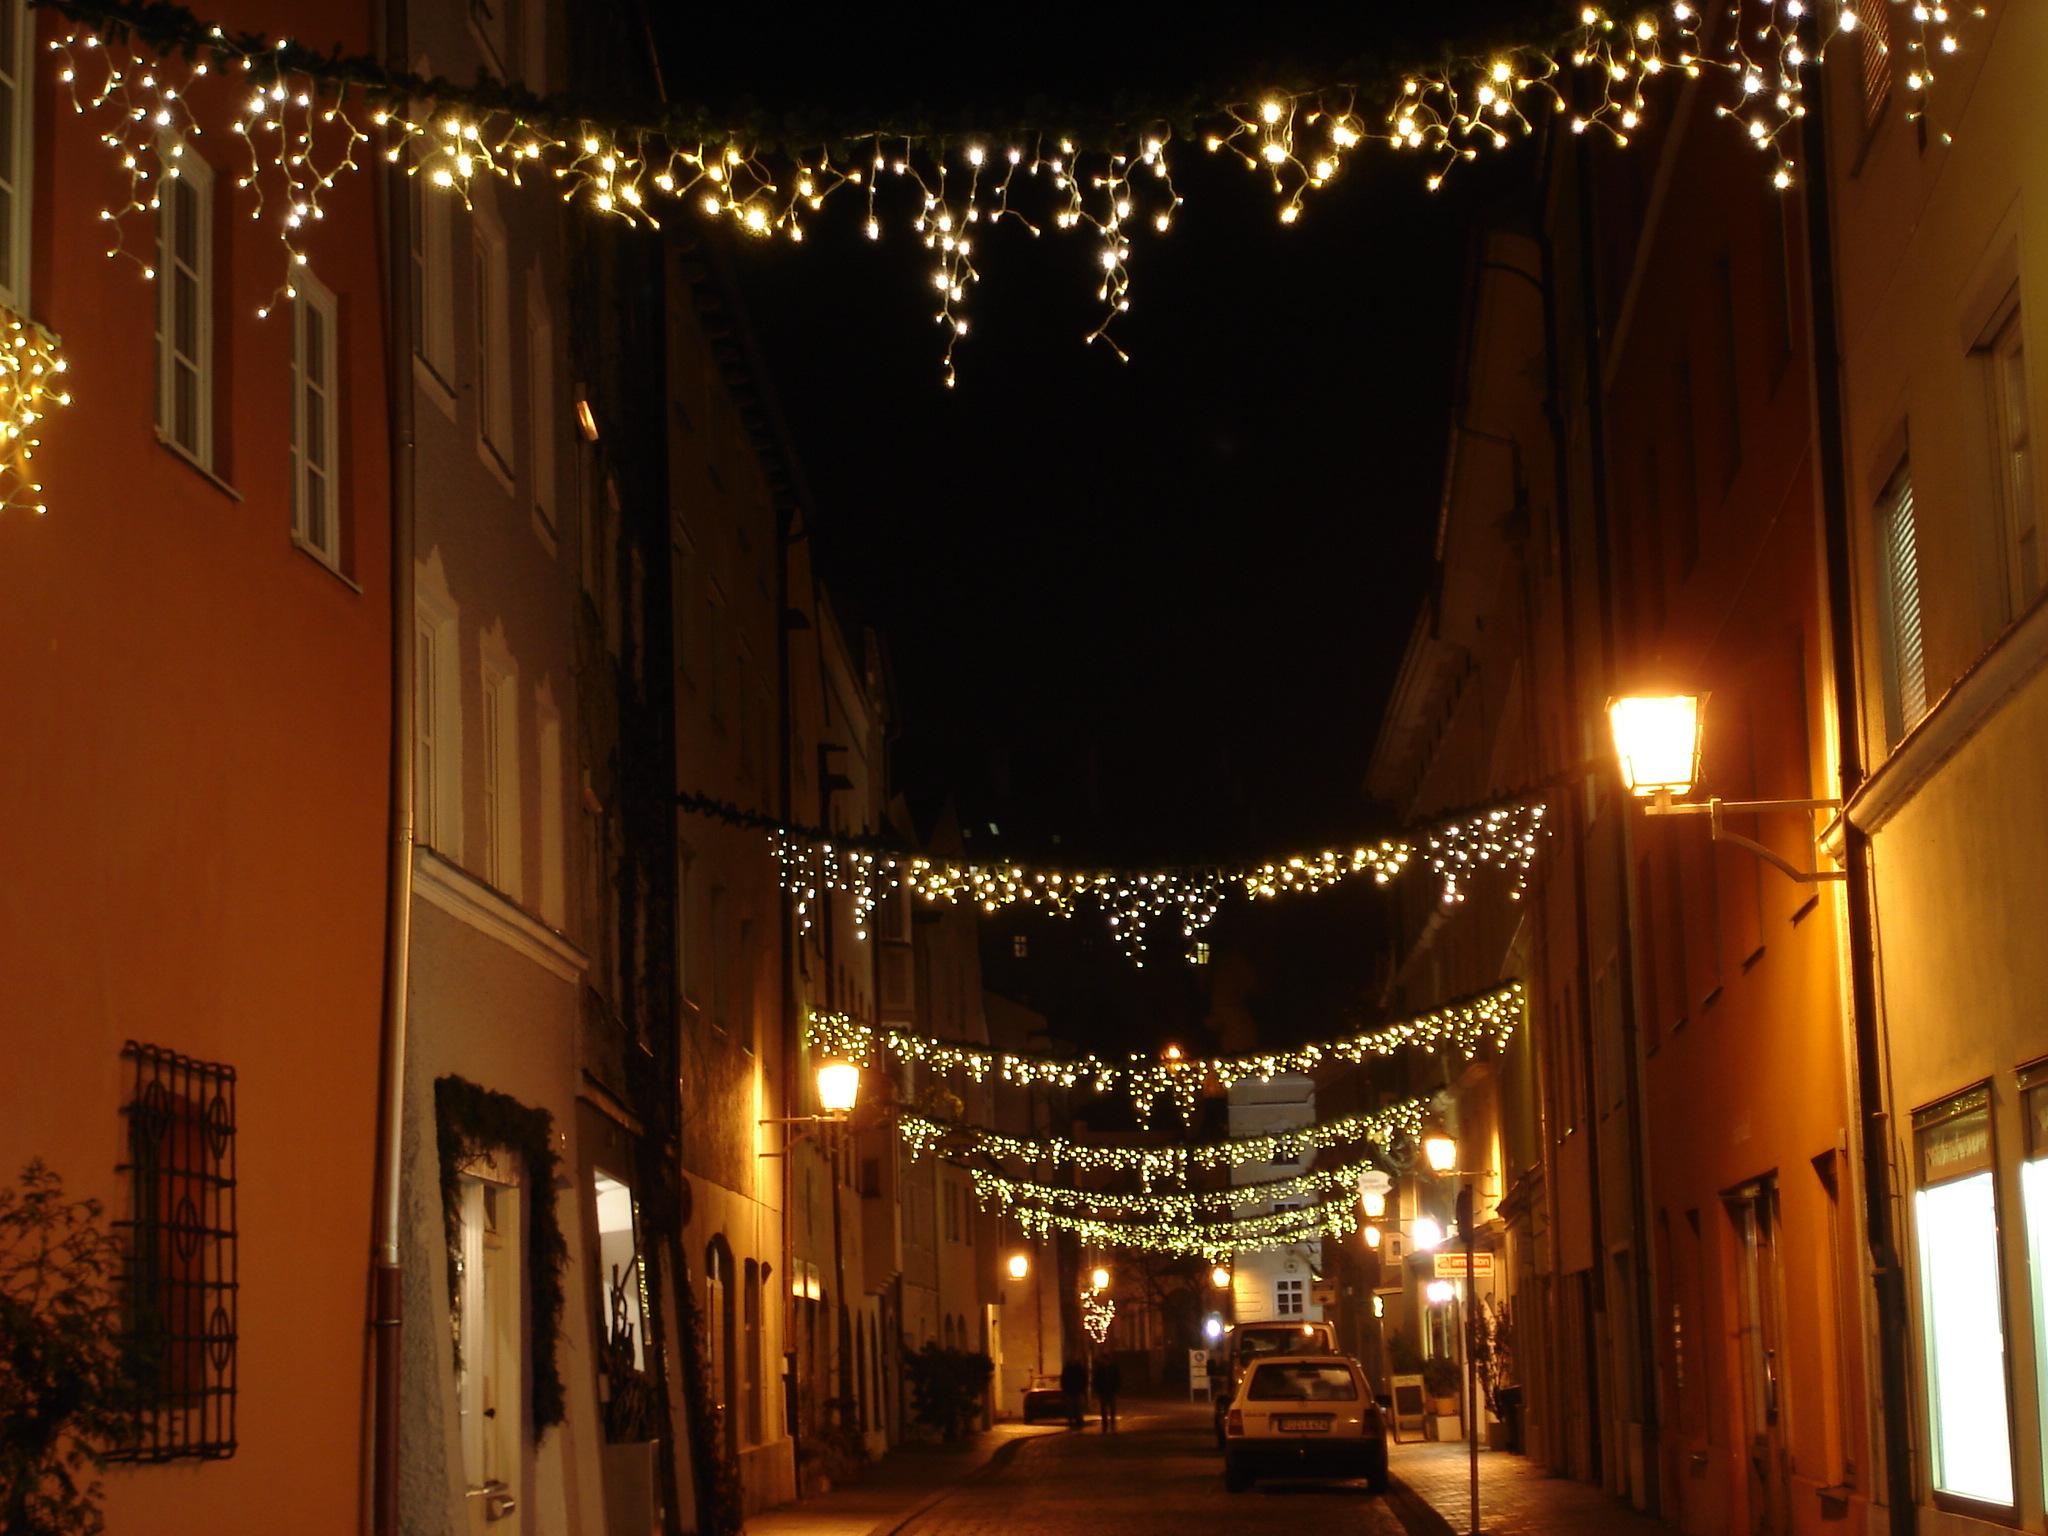 Weihnachtsbeleuchtung Auf Rechnung.Die Weihnachtsbeleuchtung In Der Altstadt Wirtschafts Förderungs